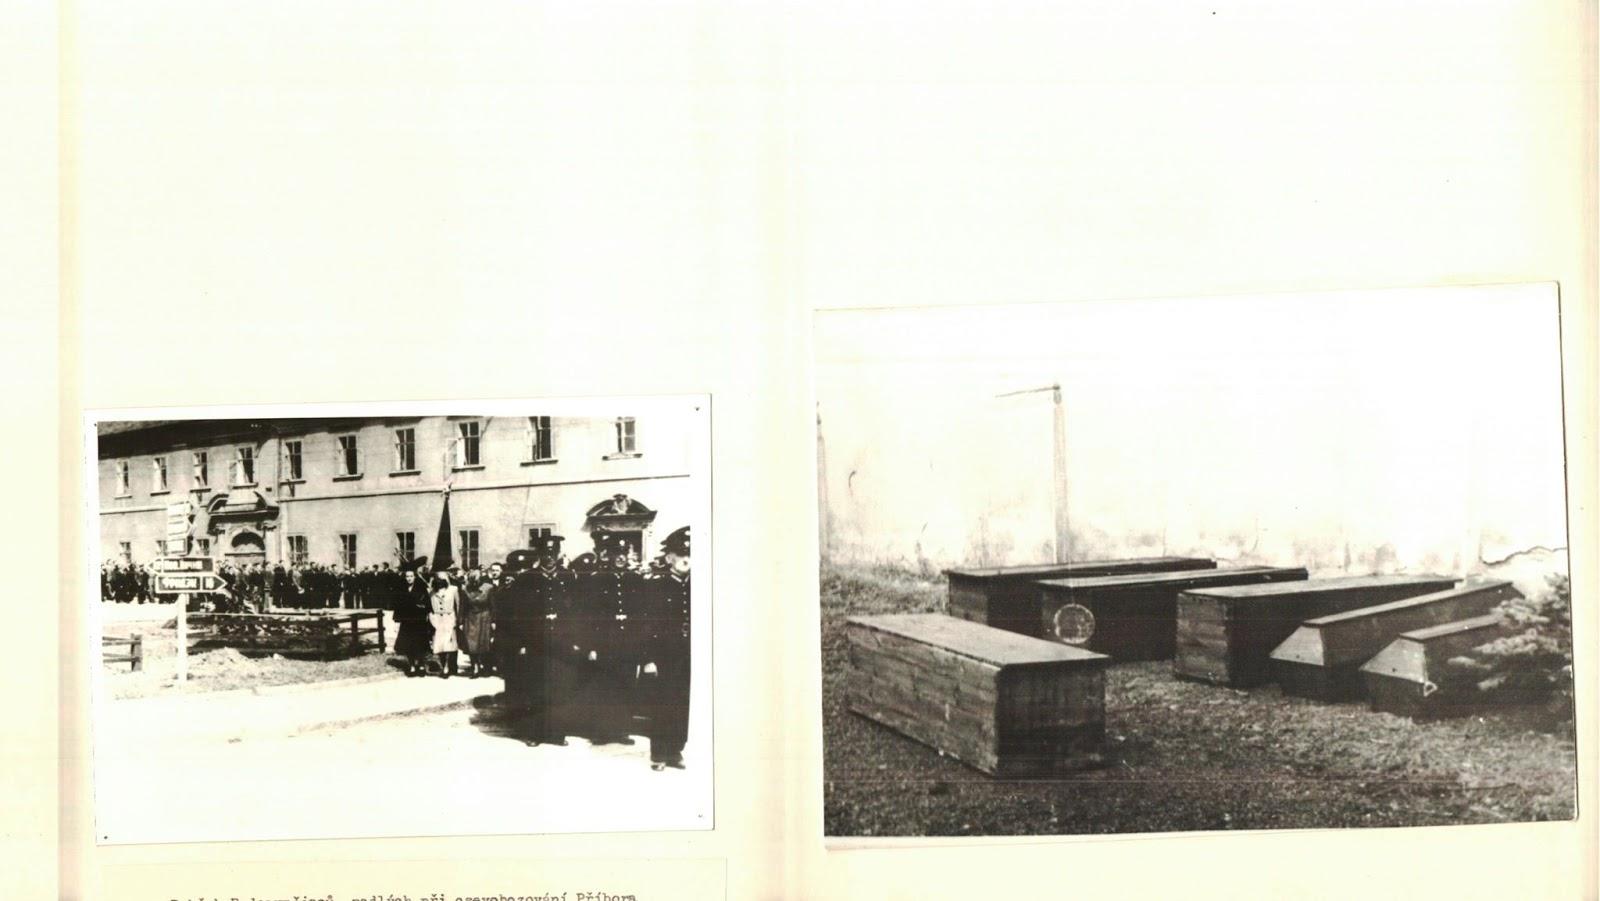 Похороны красноармейцев в г. Пршибор (Чехословакия) в 8.5.1945